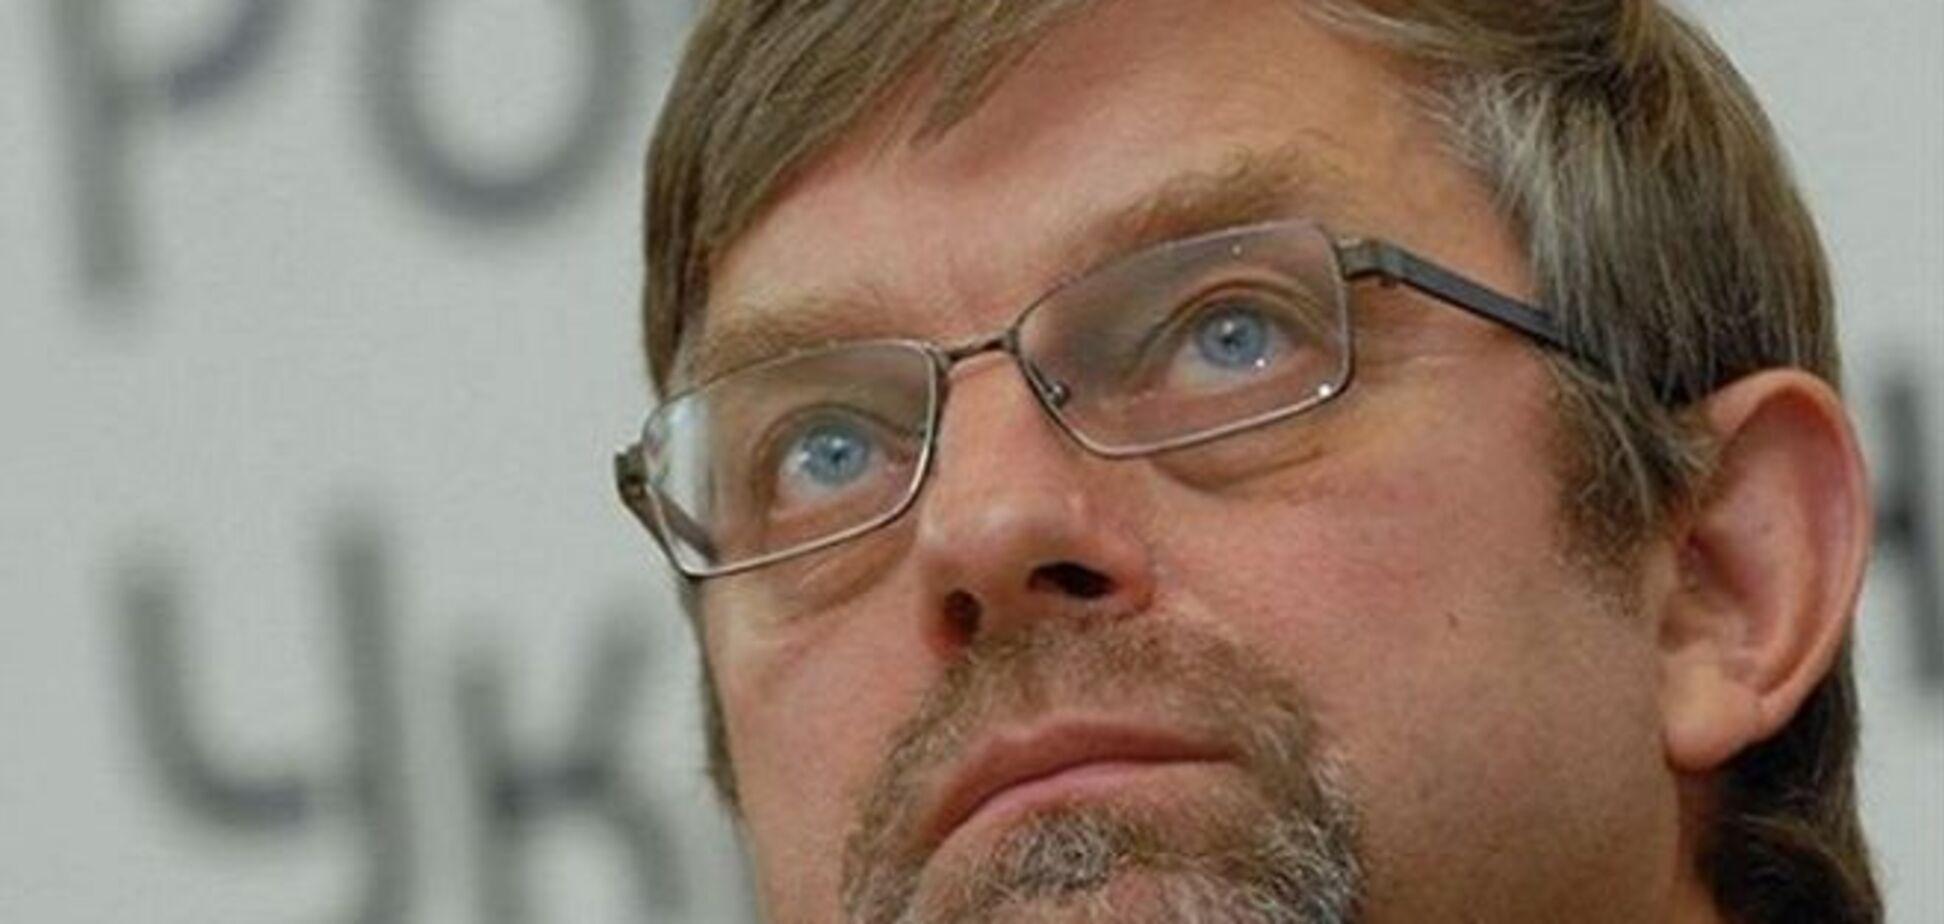 Небоженко: Янукович не пойдет на референдум по ЕС и Таможенному союзу